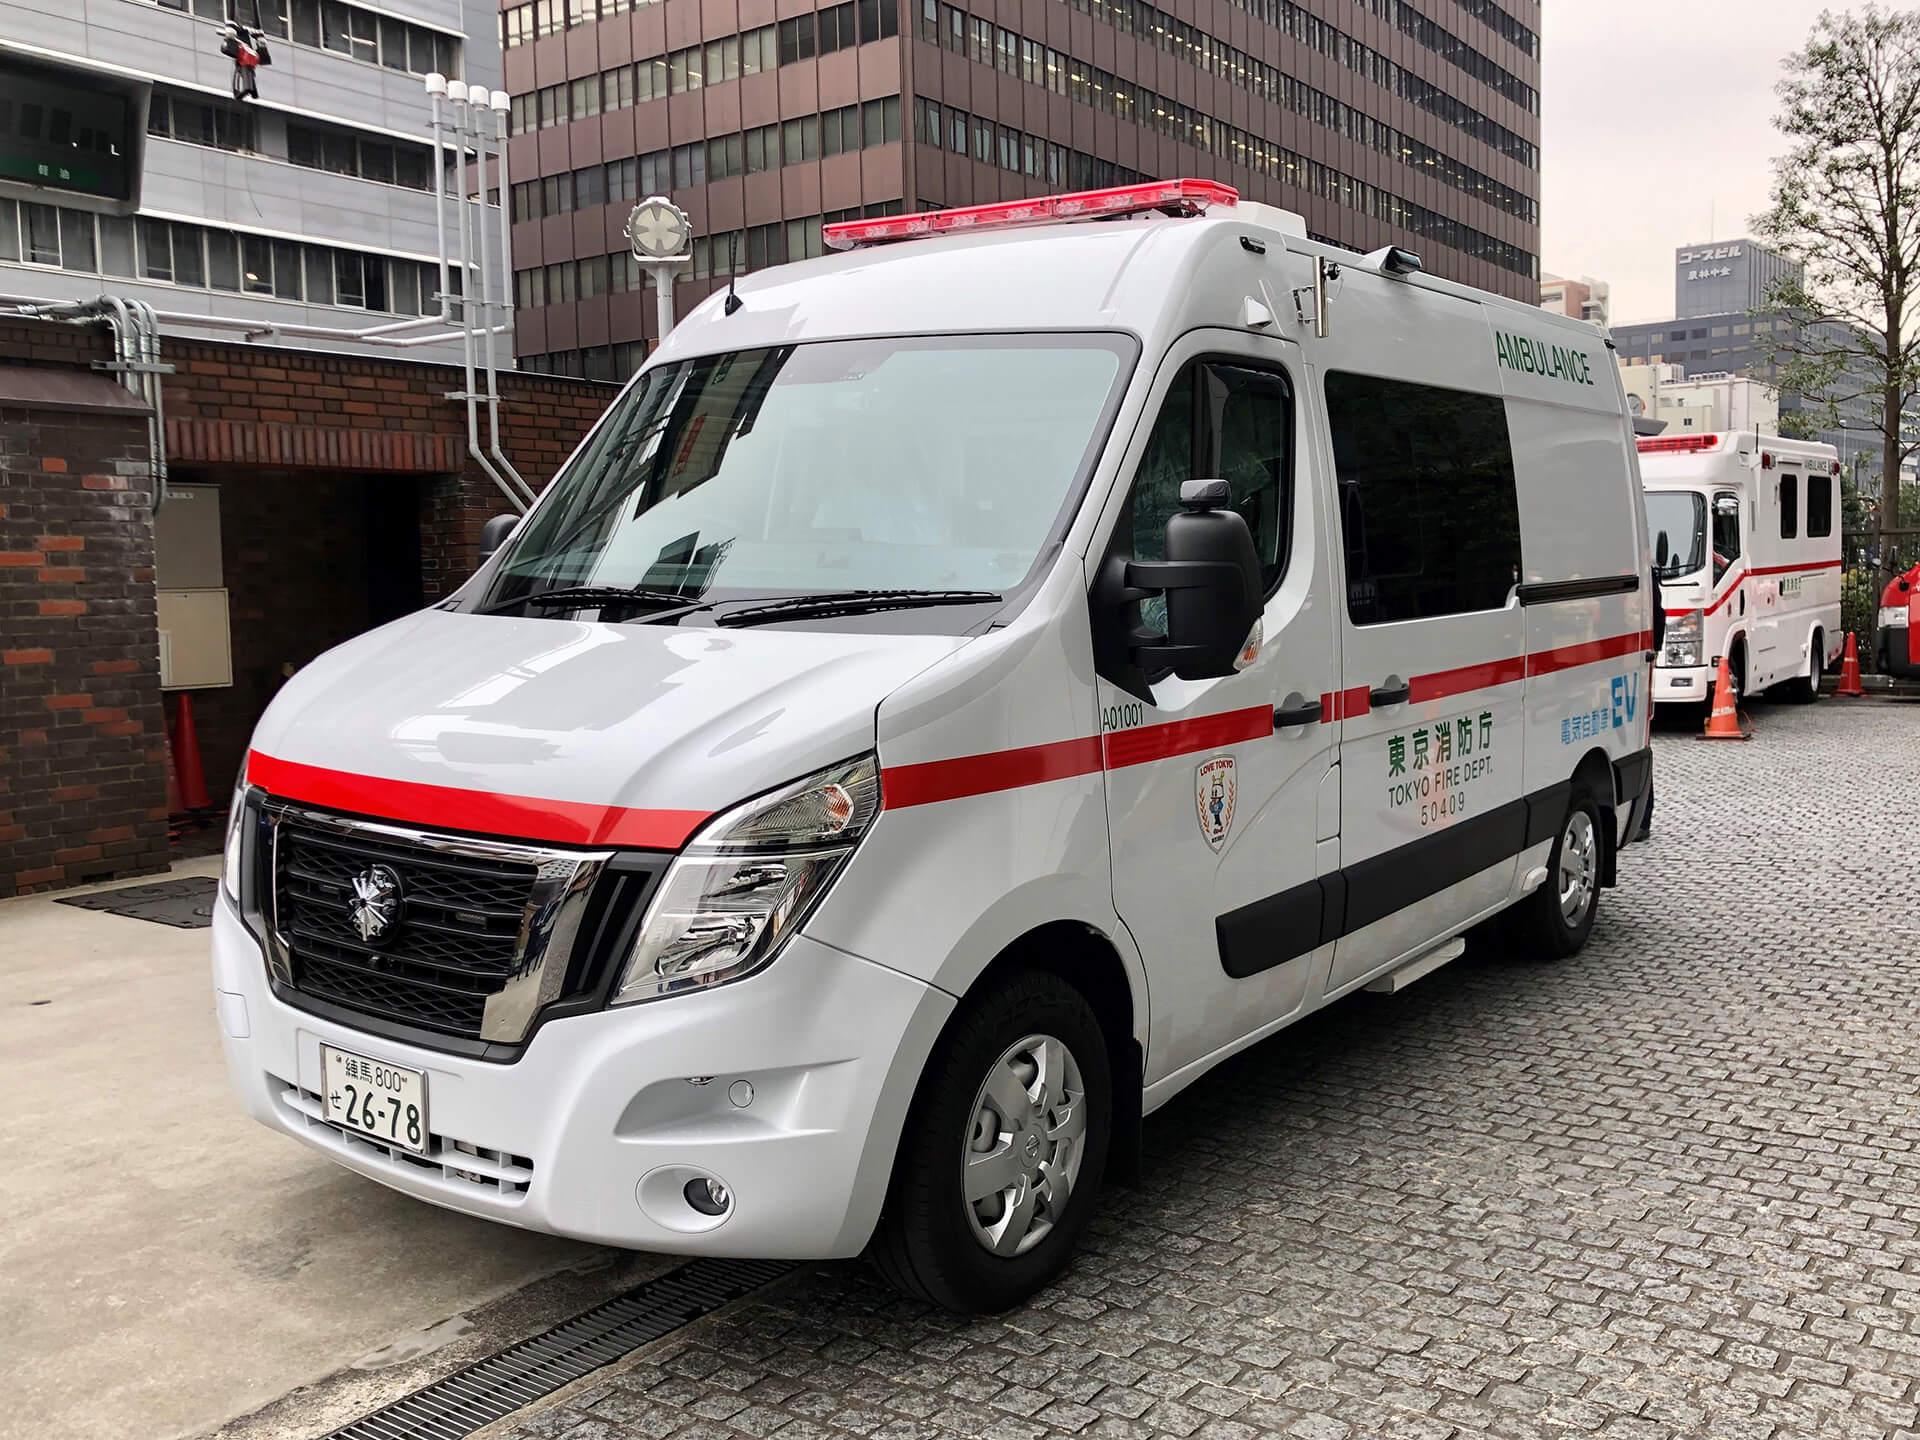 NISSAN JAPON TRANSFORME UN NISSAN NV400 EN AMBULANCE 100% ELECTRIQUE